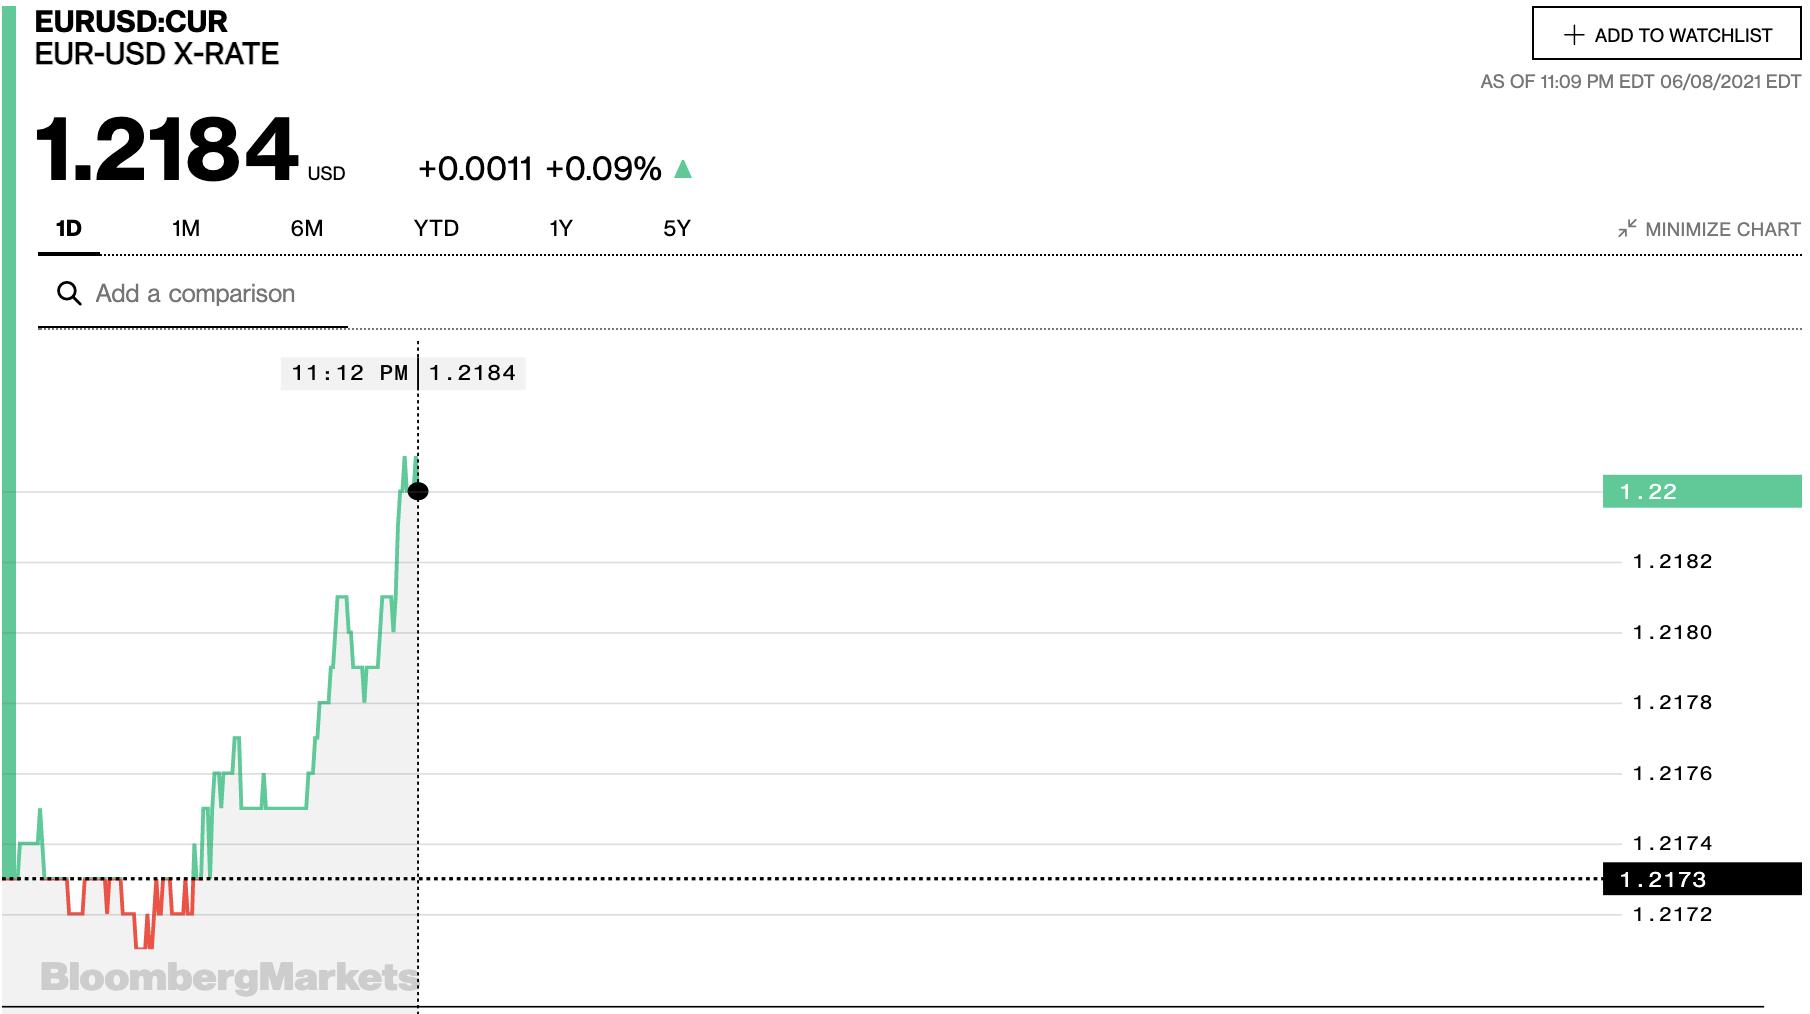 Tỷ giá euro hôm nay 9/6: Xu hướng giảm tiếp tục chiếm đa số ngân hàng - Ảnh 2.